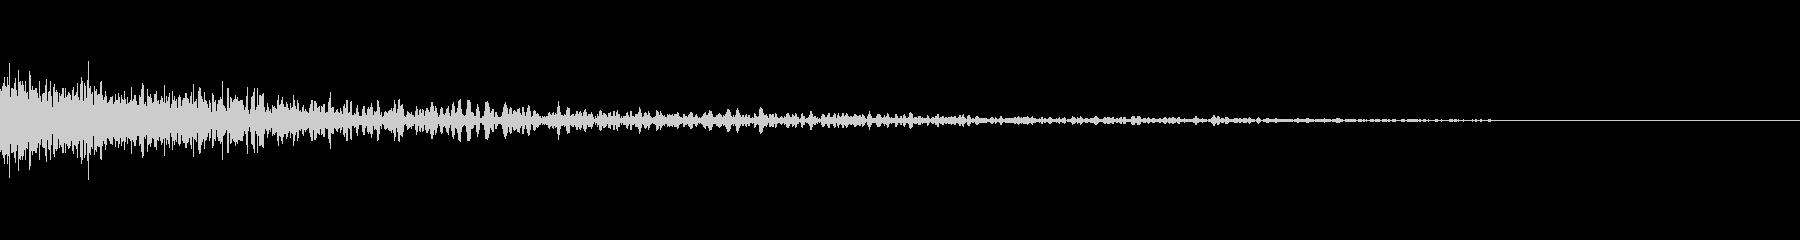 エネルギー銃を発射する音(ピョーン)の未再生の波形